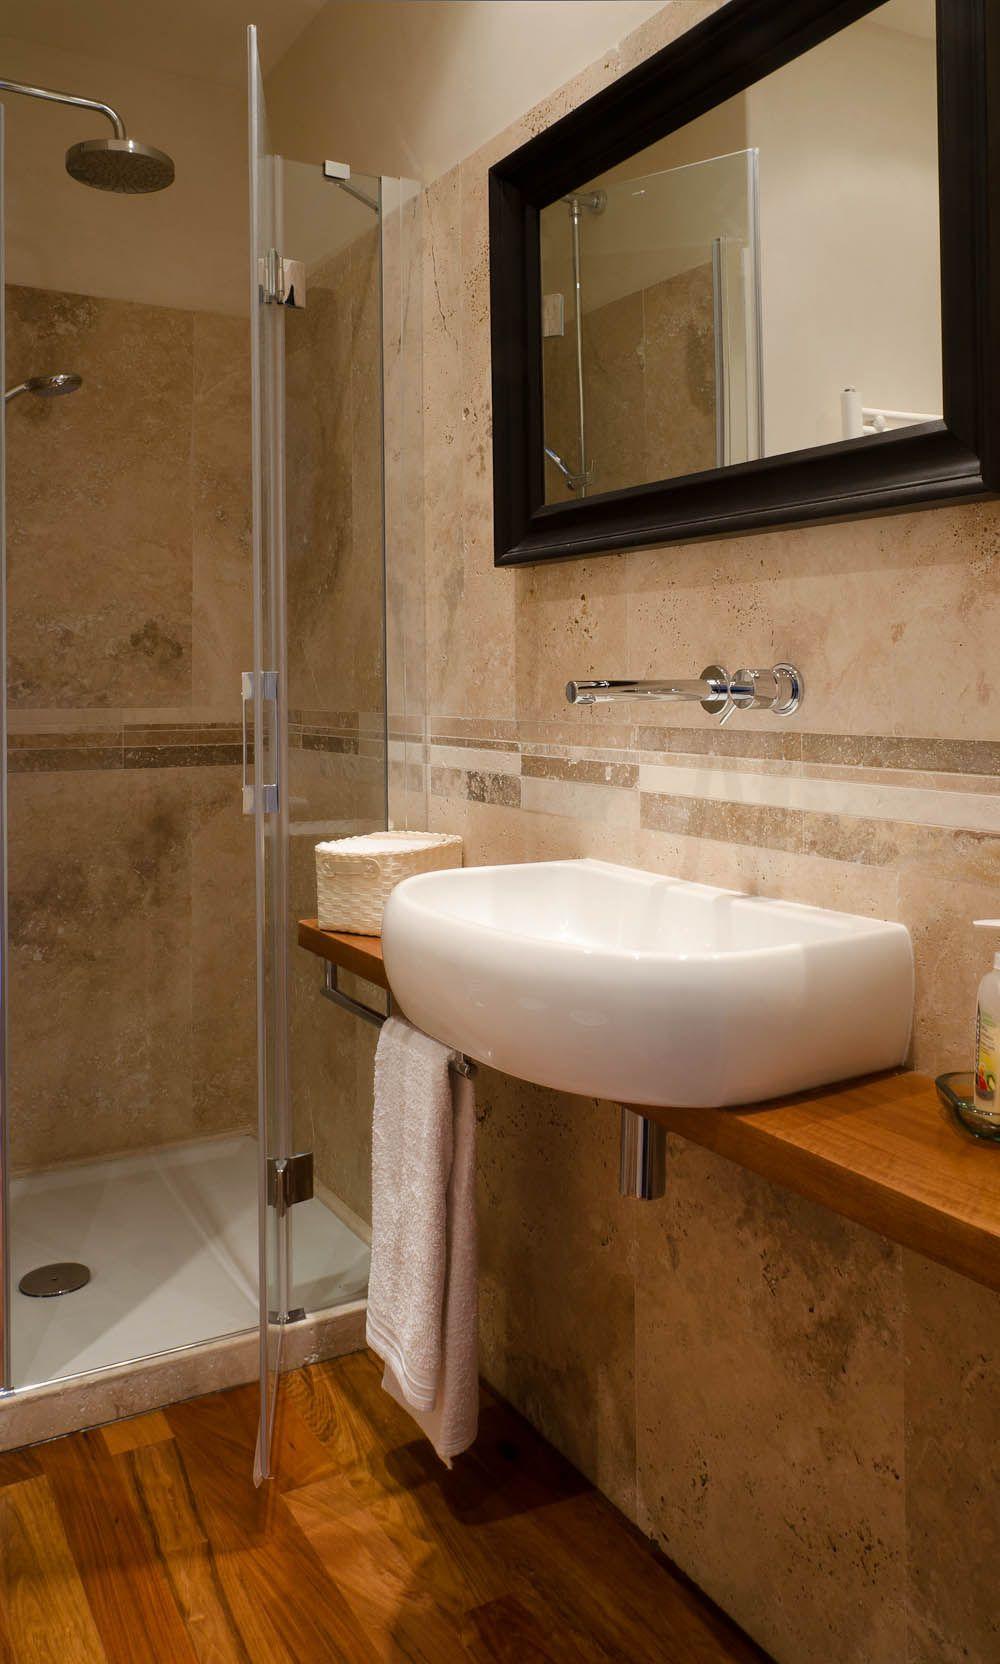 Bagno con rivestimento in travertino e pavimento in legno | Bagni in ...